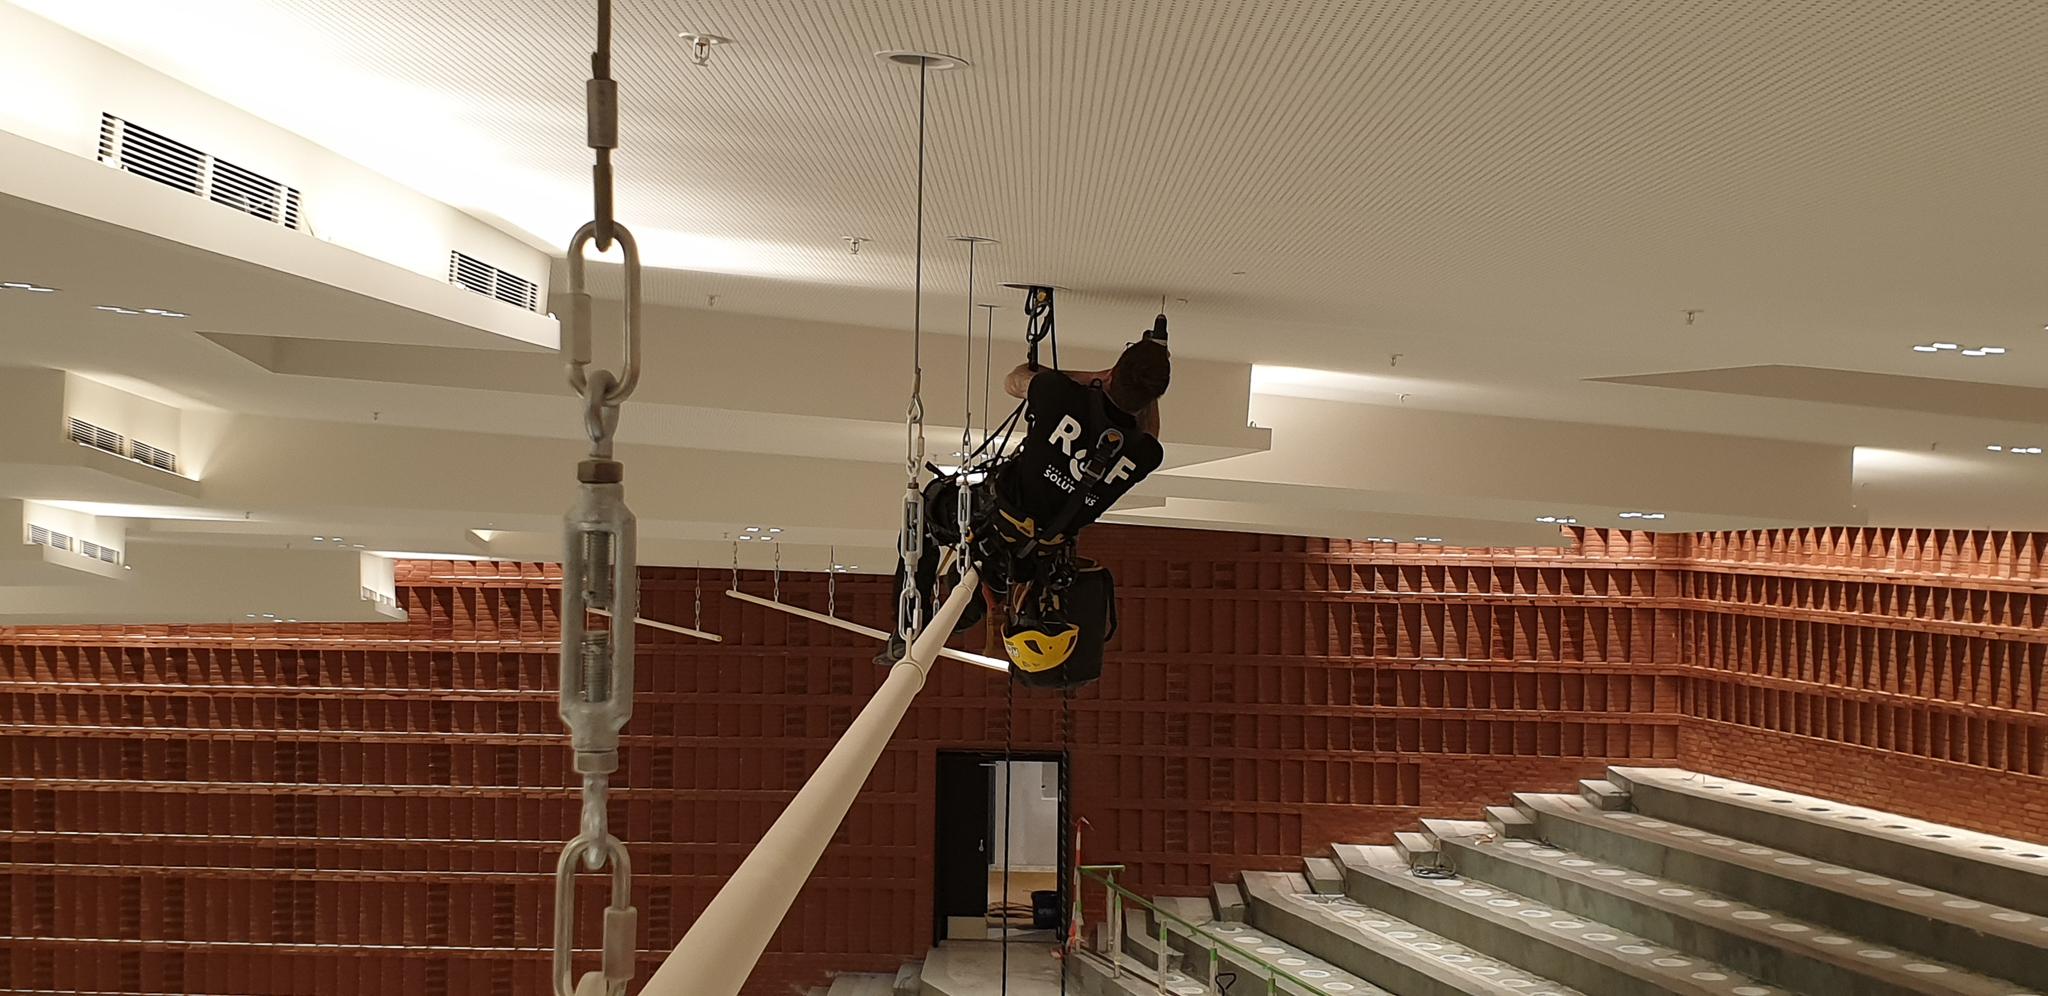 Messehalle CCH: Montage von Accesspoints durch Industriekletterer